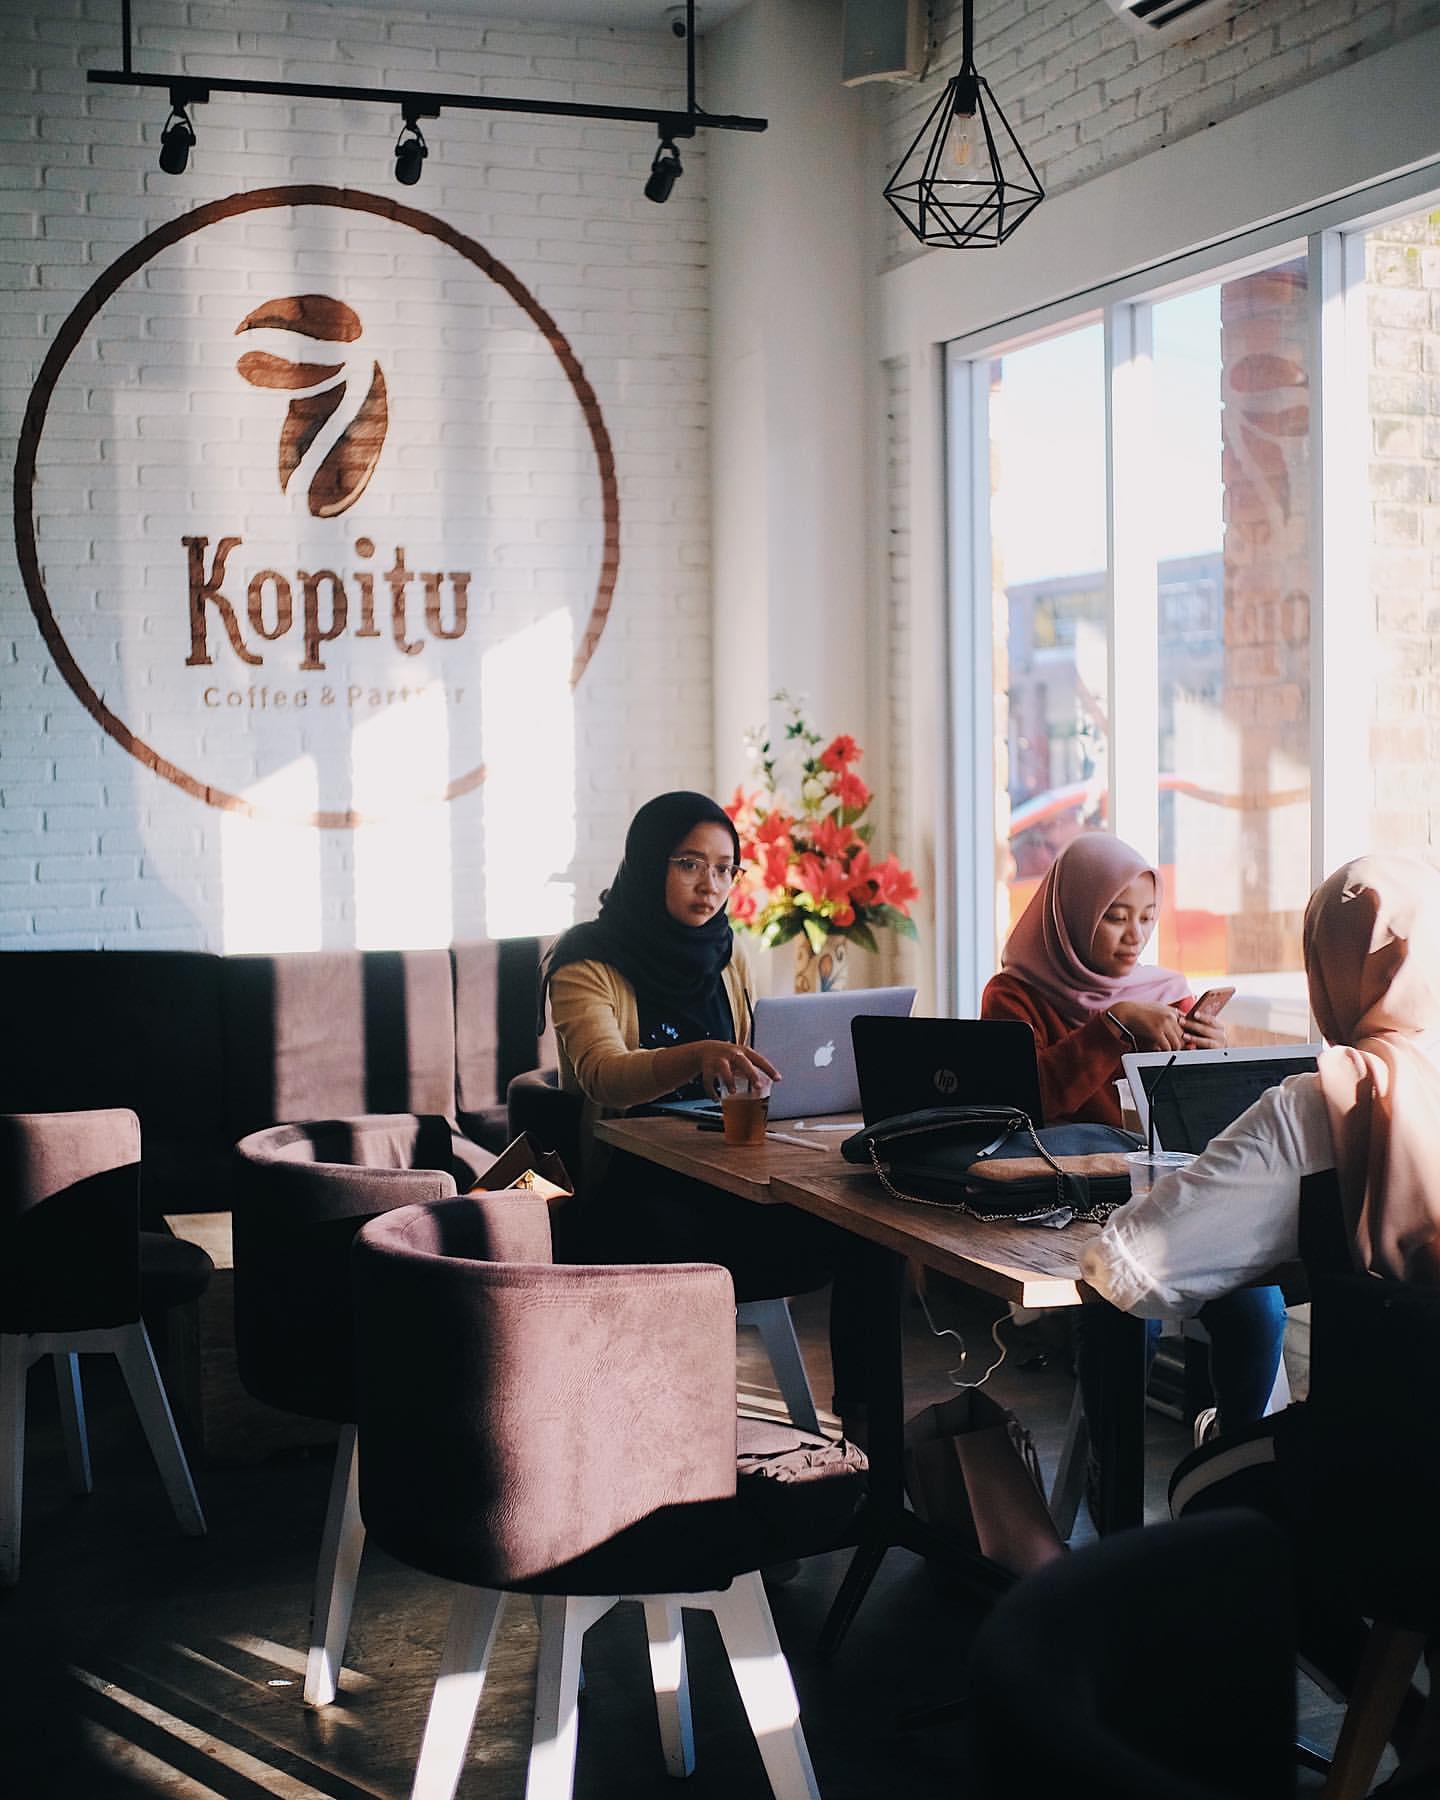 15 Cafe Populer di Jogja Buka 24 Jam Selalu Ramai Buat Nongkrong Sampai Pagi 15